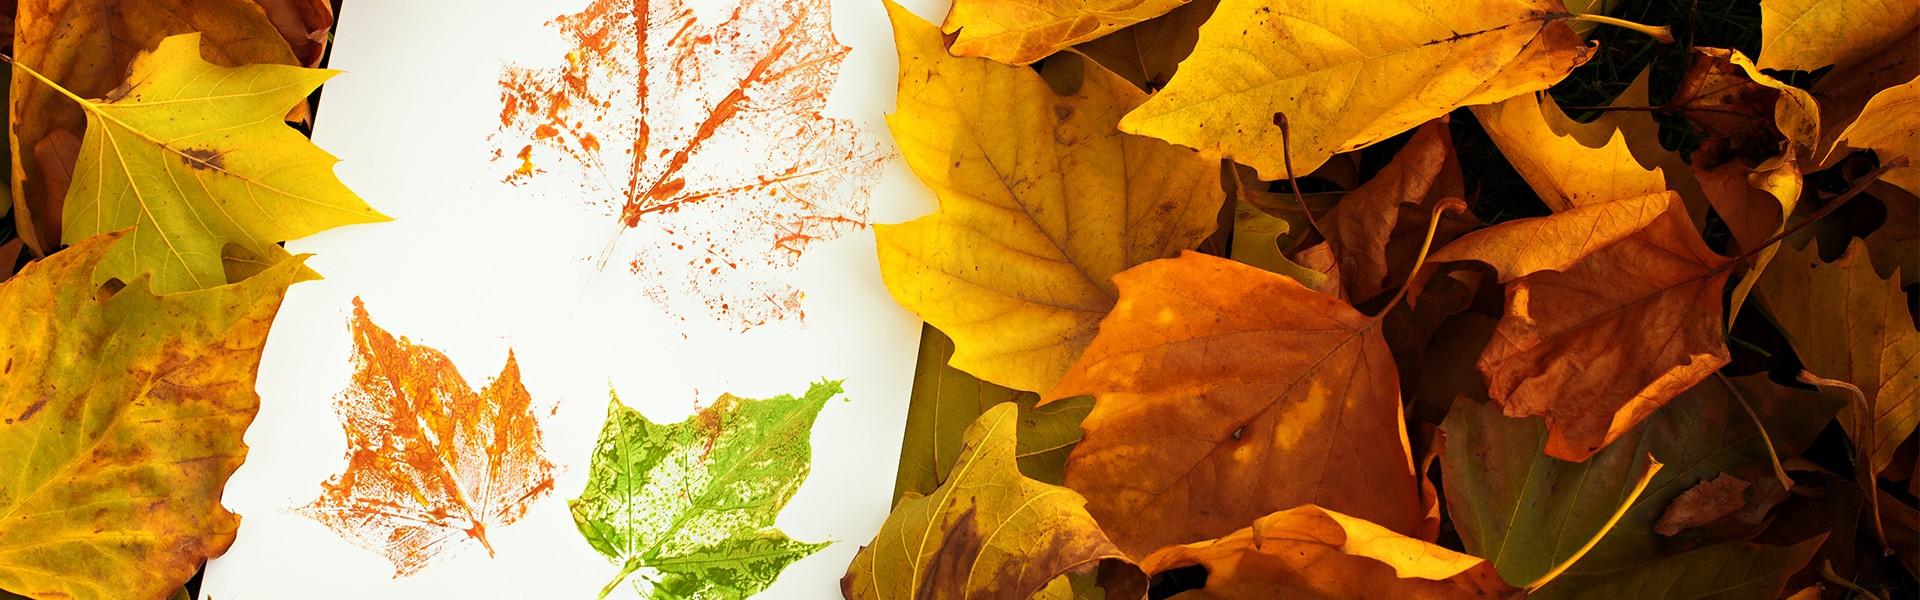 leaf rubbing